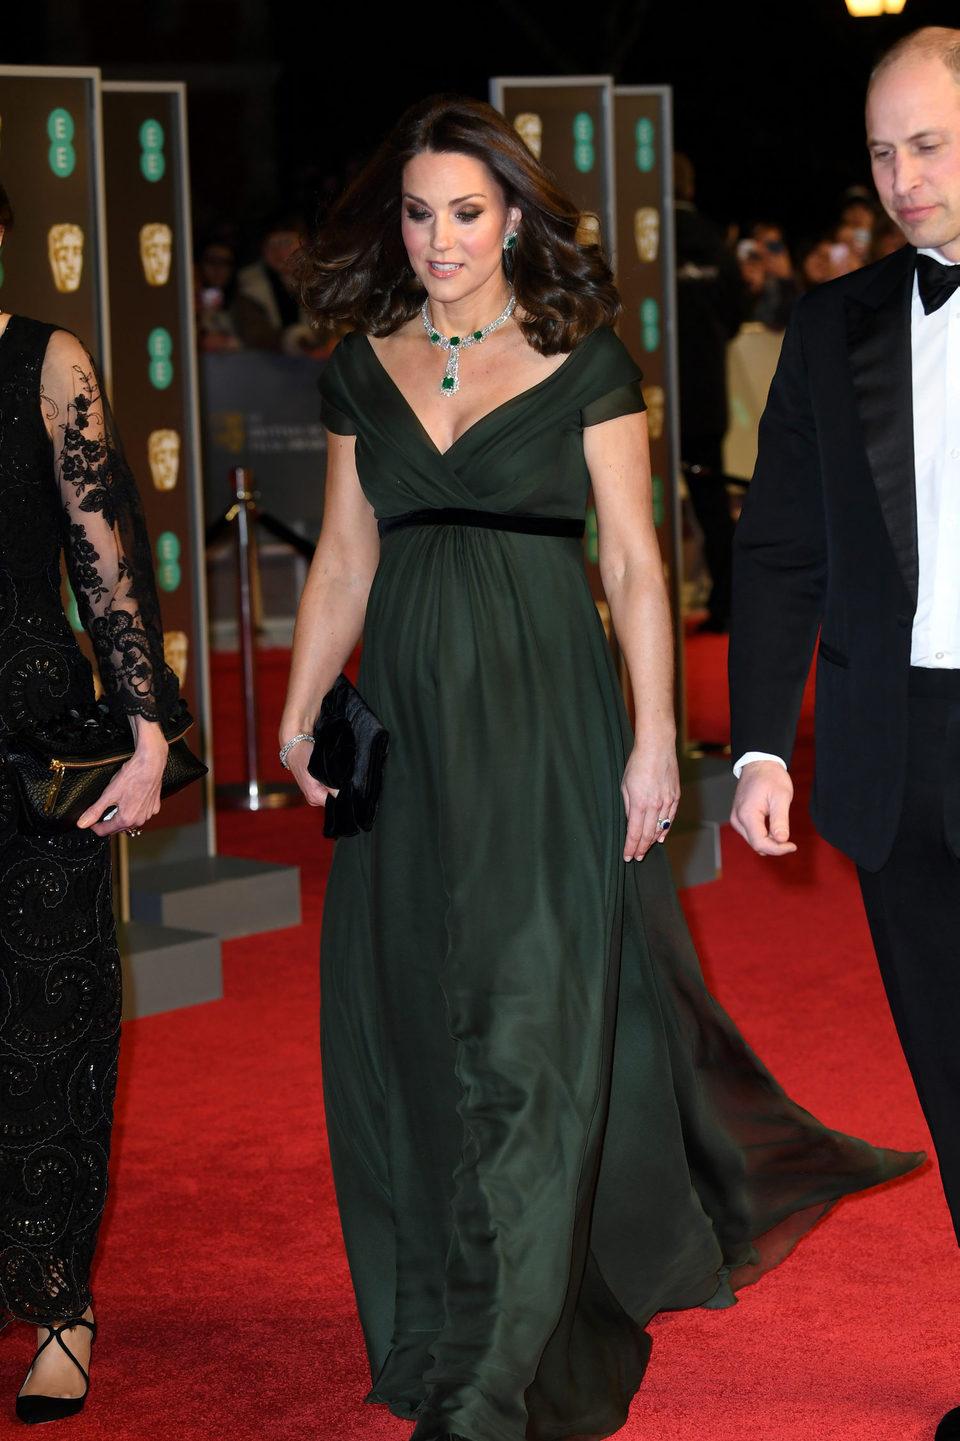 El duque y la duquesa de Cambridge en la alfombra roja de los BAFTA 2018